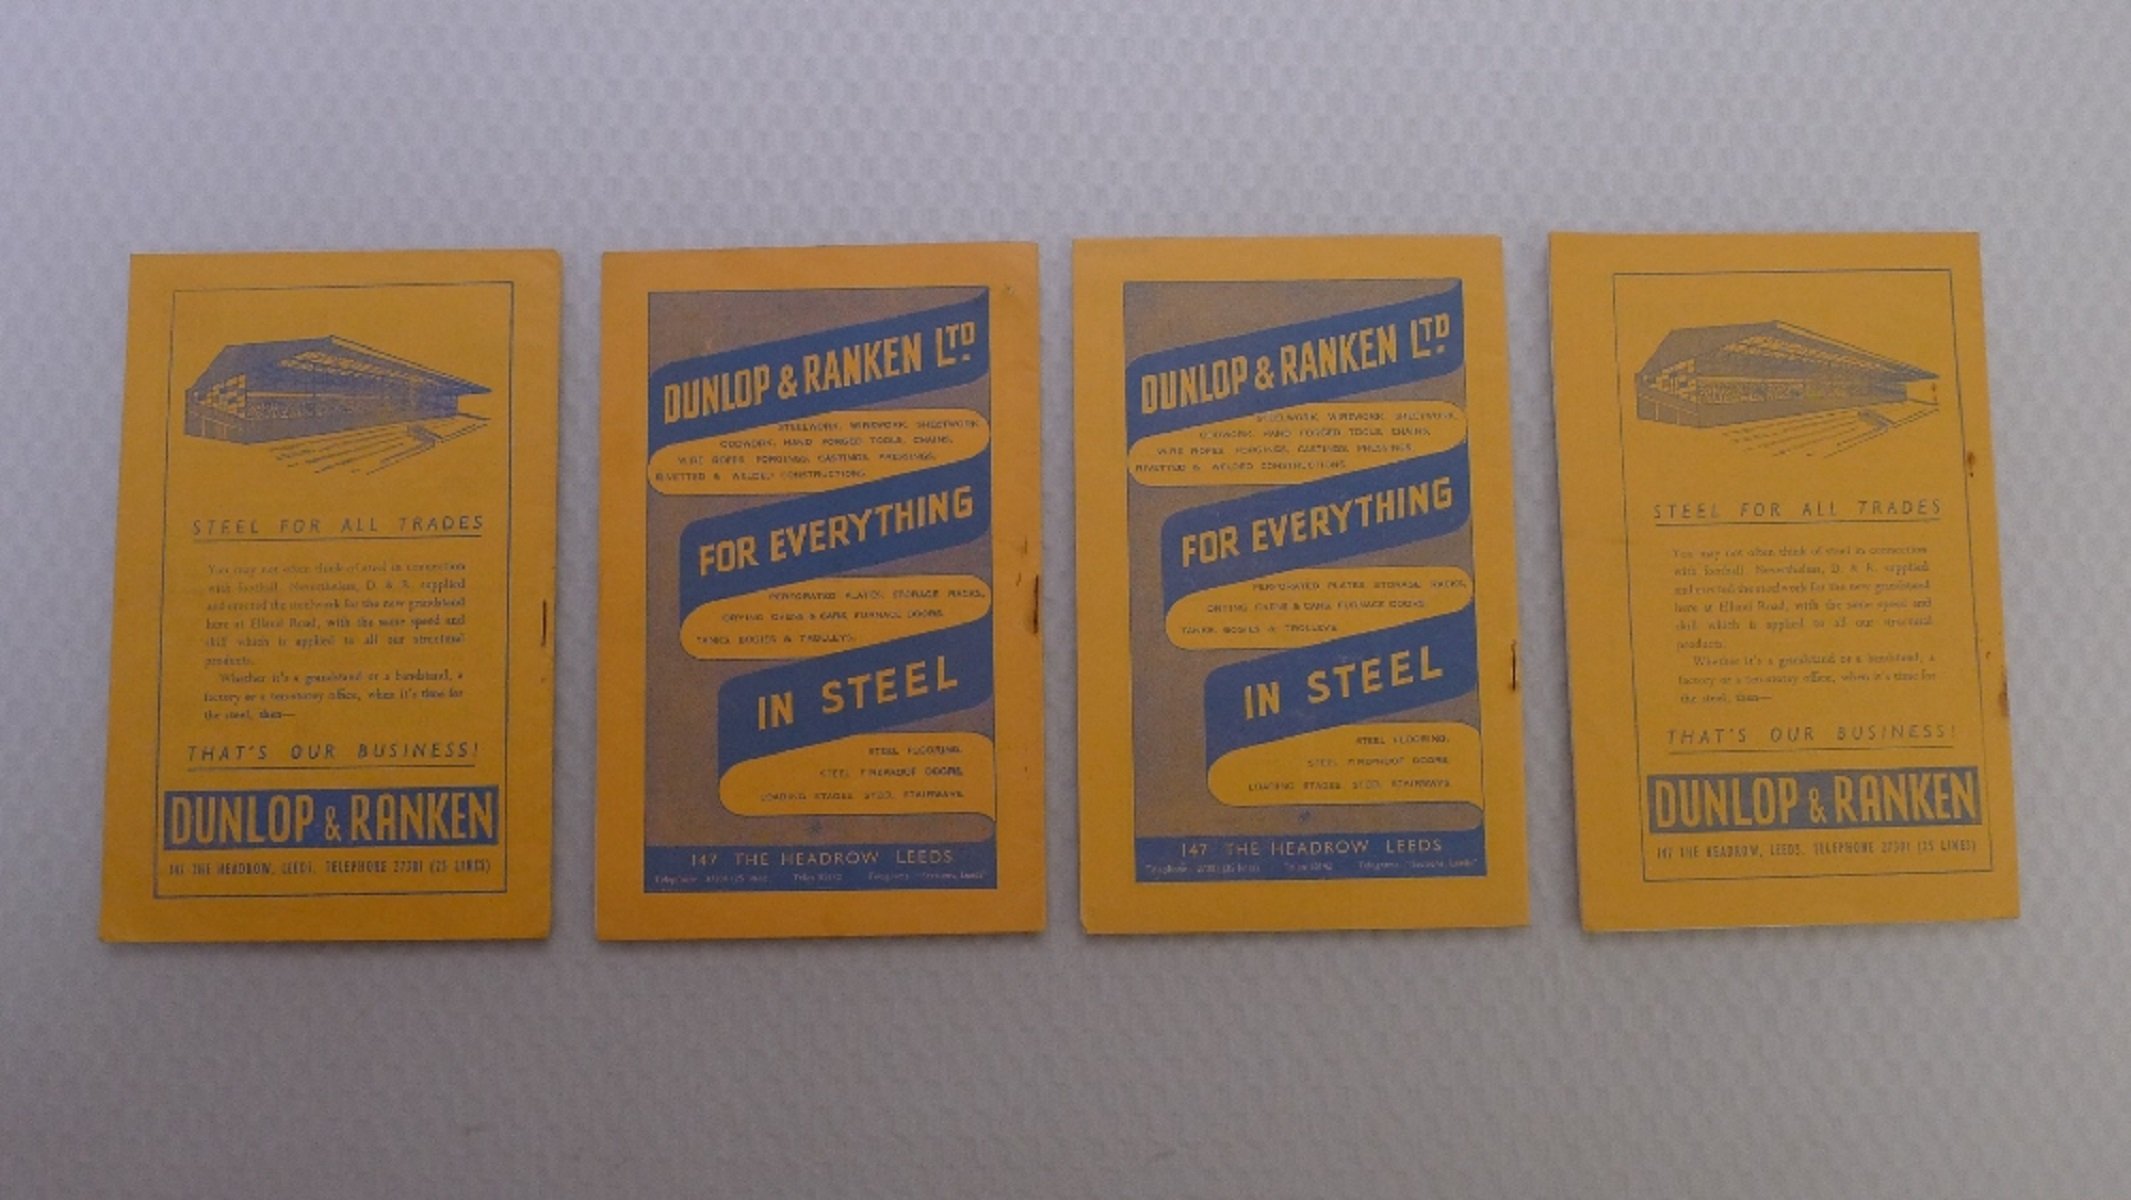 Vintage Football Programmes. 4 x Leeds United 1958 / 59 Season football programmes comprising v - Image 2 of 4